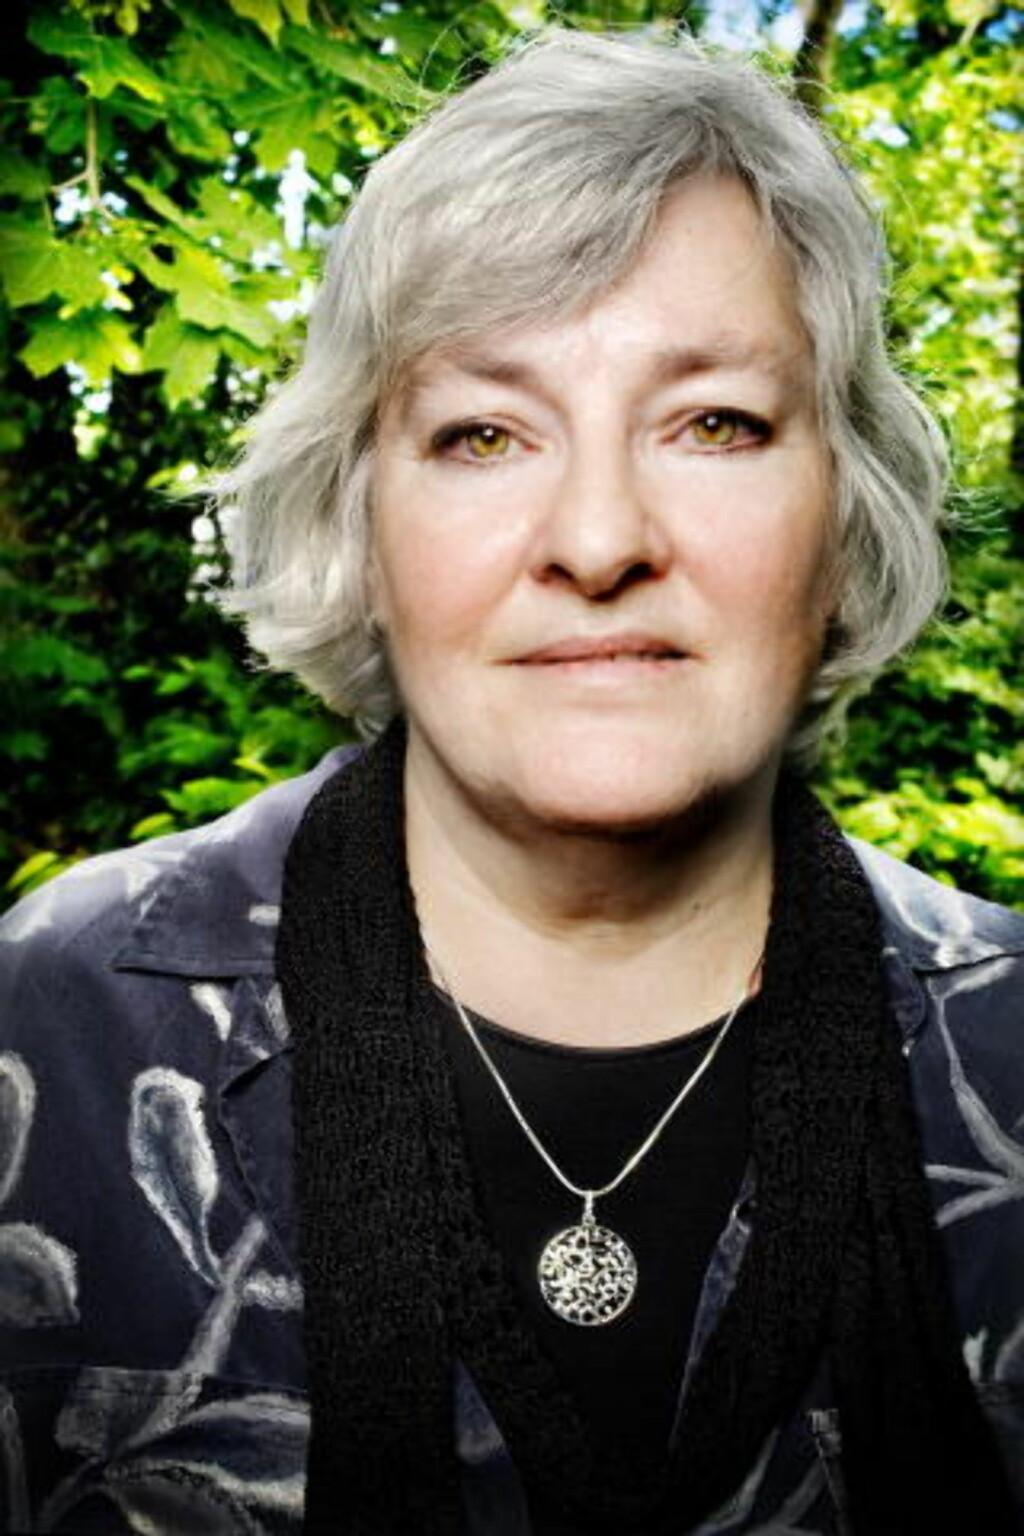 FIKK ÅRETS PRIS: Nina Karin Monsen. Foto: ANNIKEN MOHR